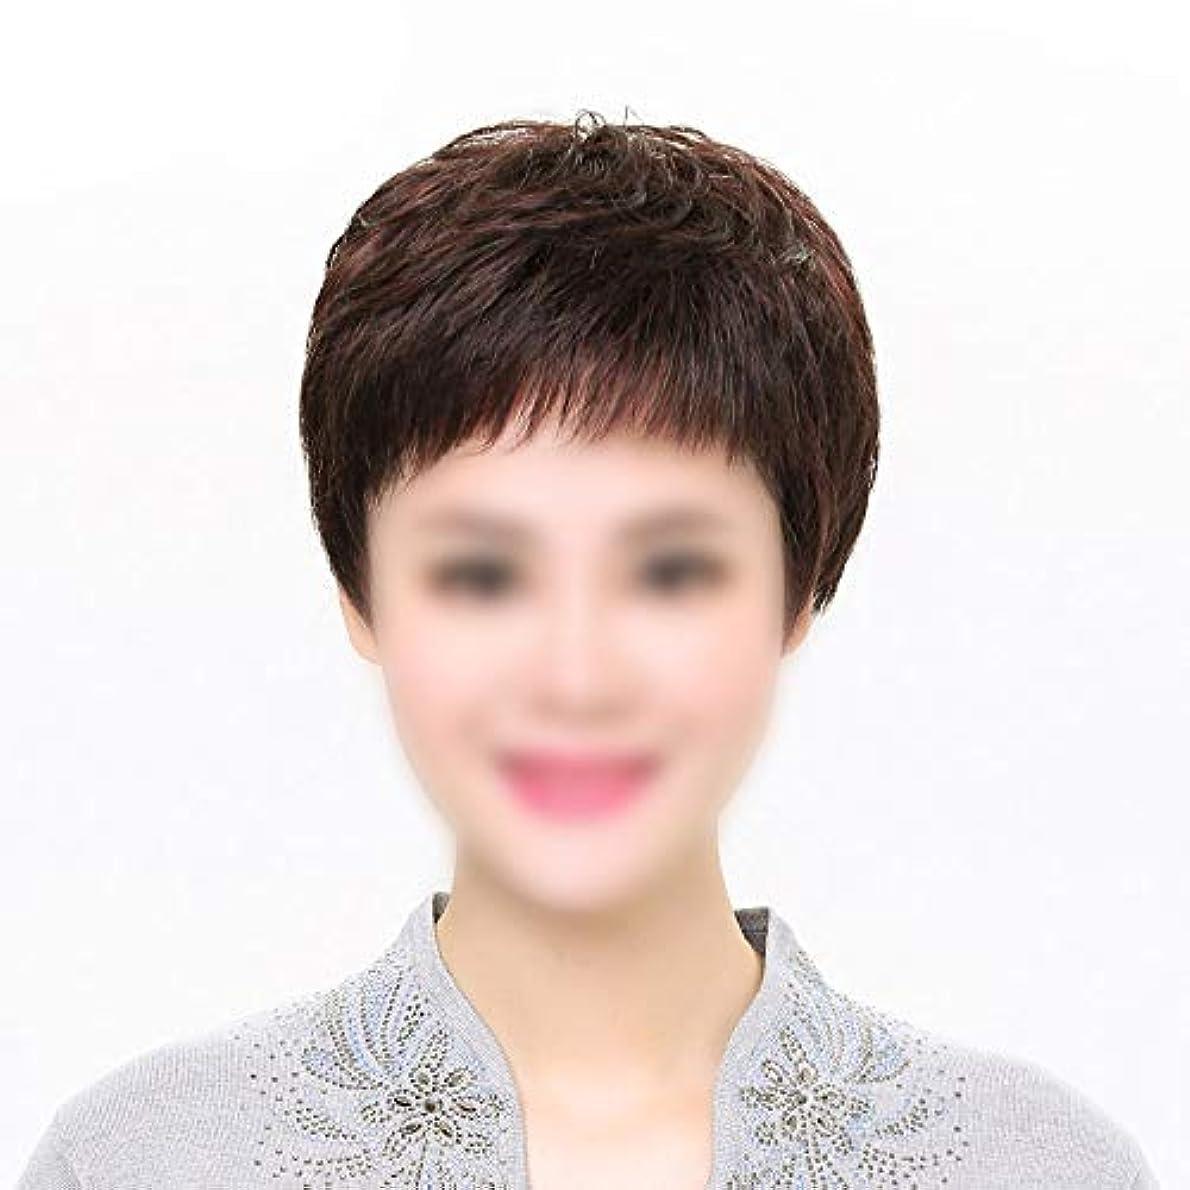 ページ日付付き呼び出すYOUQIU 女性のかつらのために前髪人毛かつら、100%本物の人間の髪の毛無料パートショートスタイリッシュなウィッグ (色 : 黒, Edition : Mechanism)